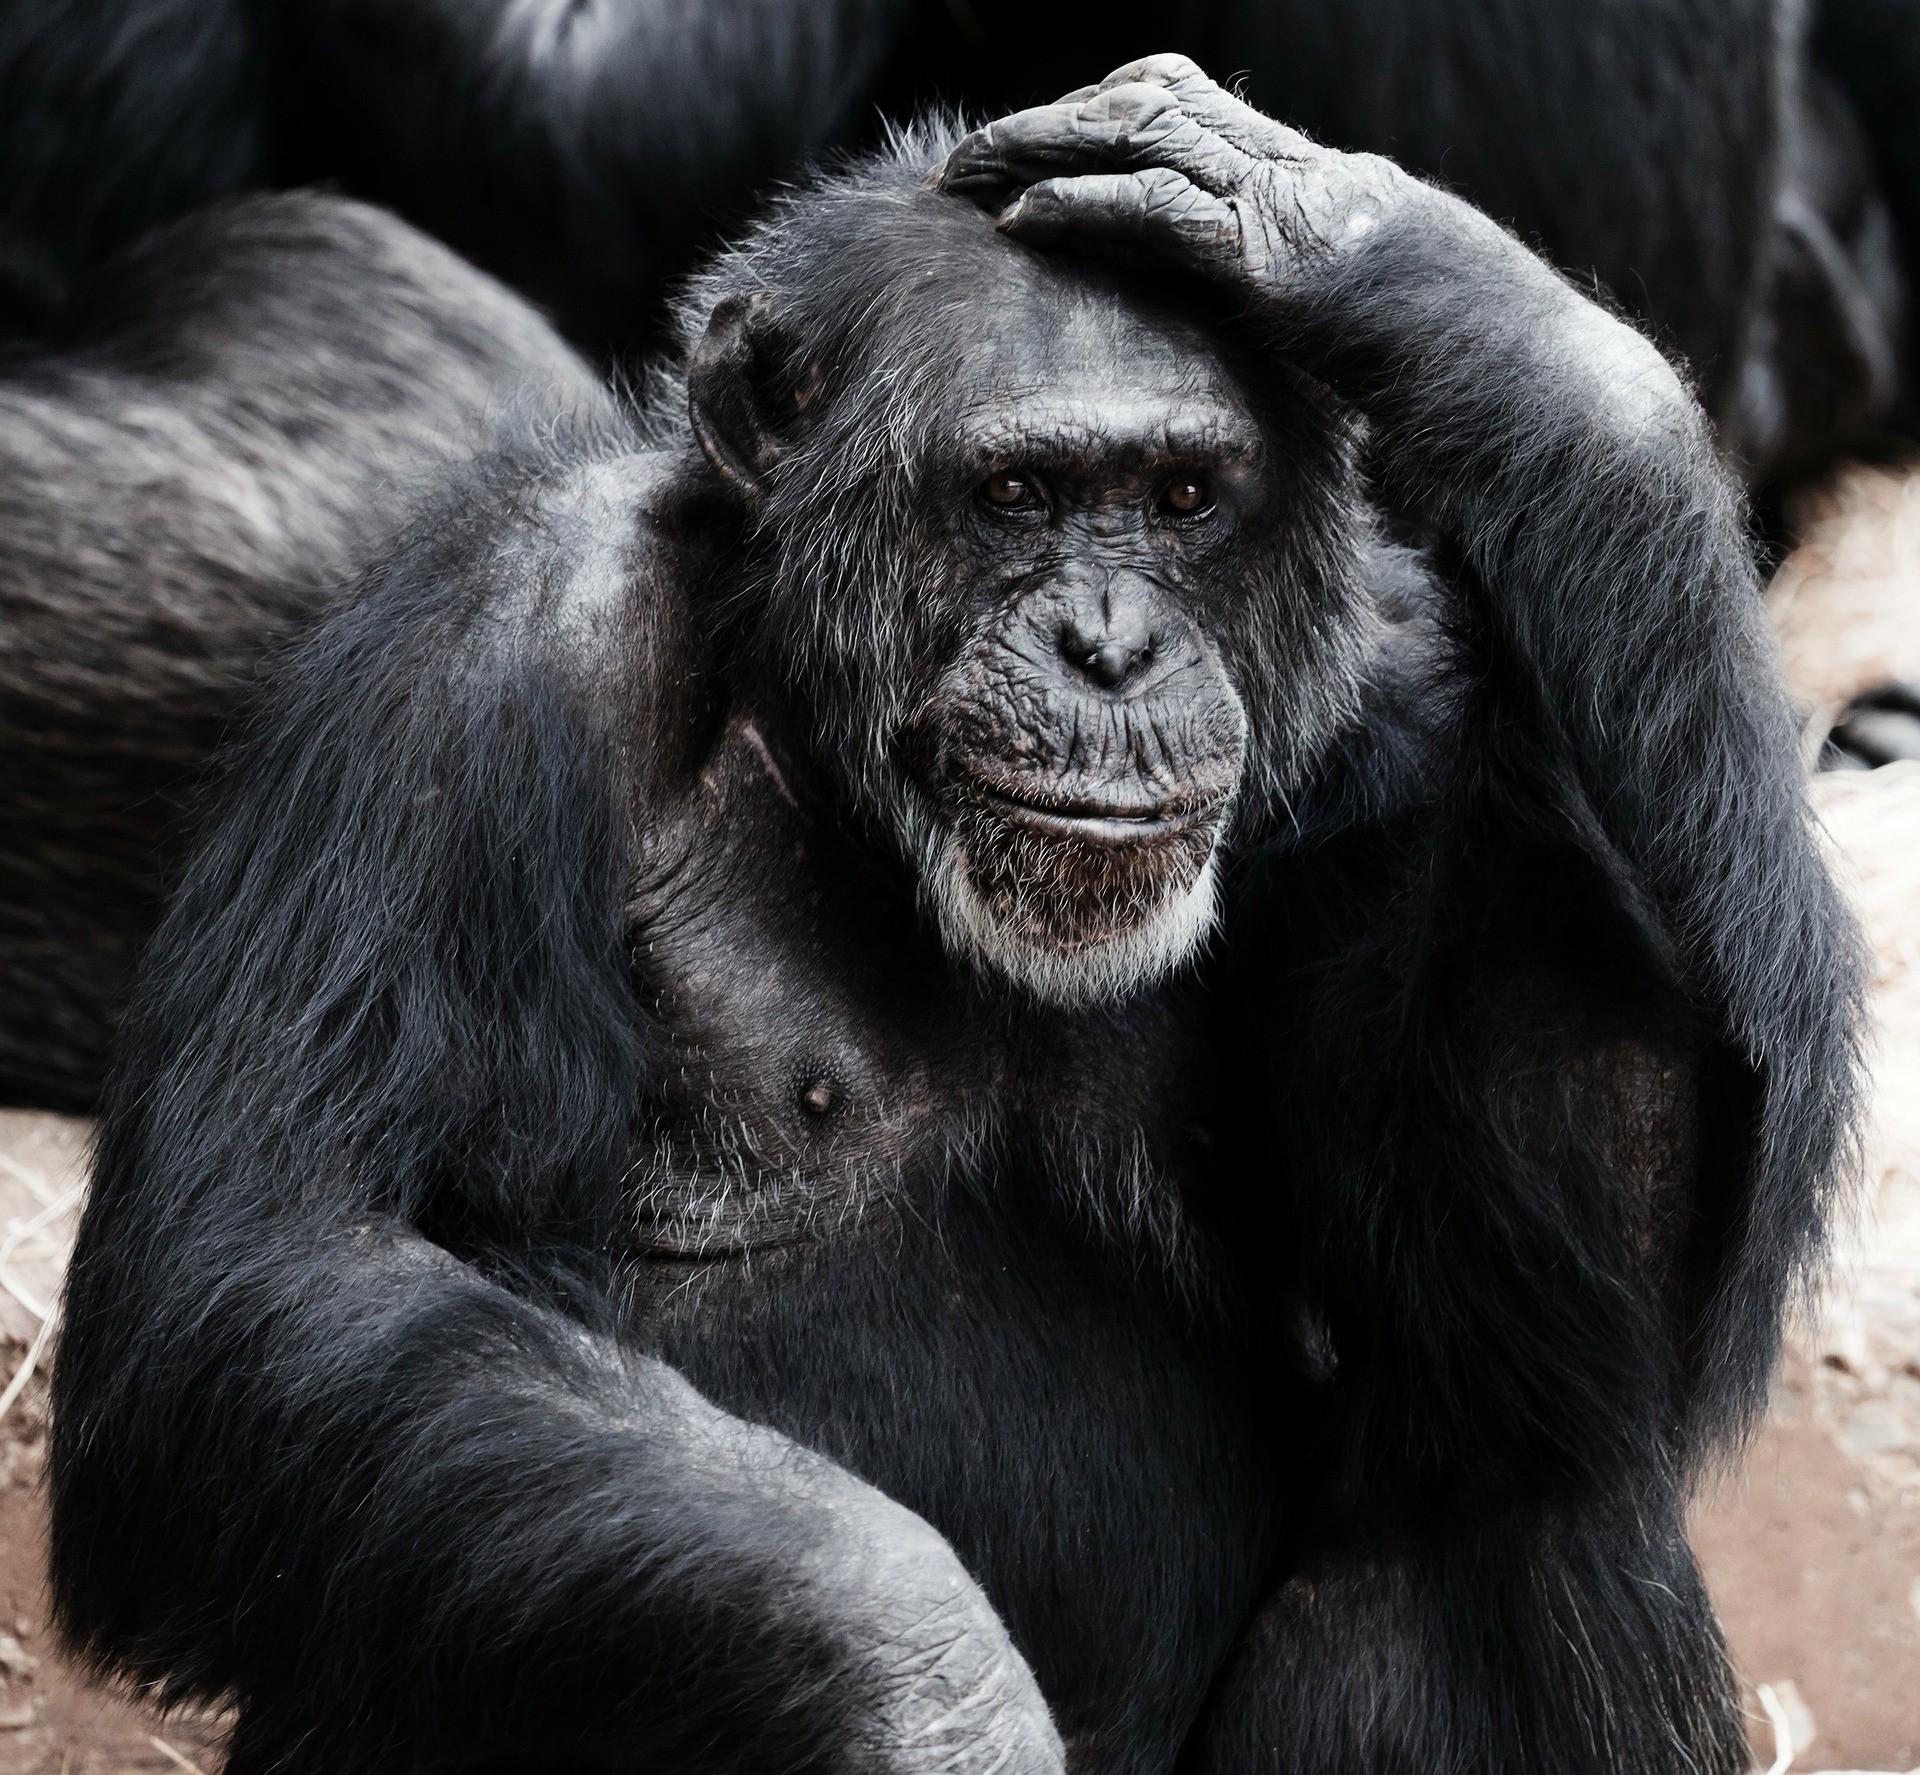 動物有意識嗎?該如何知道?——《誰是我?意識的哲學與科學》